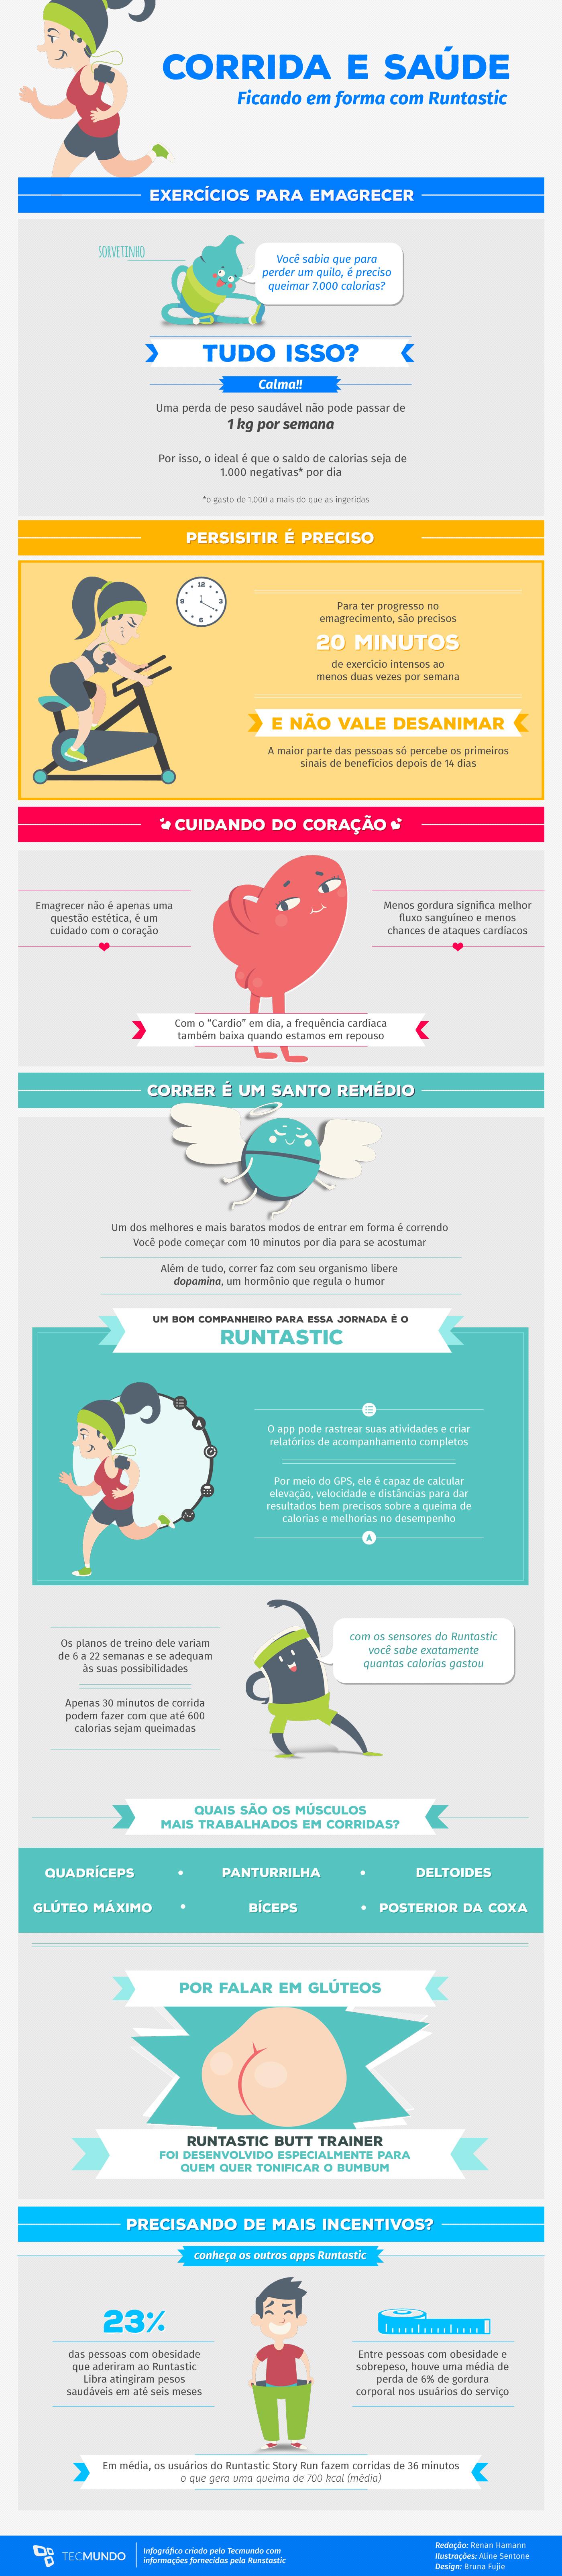 Como ficar em forma com os apps Runtastic [infográfico]